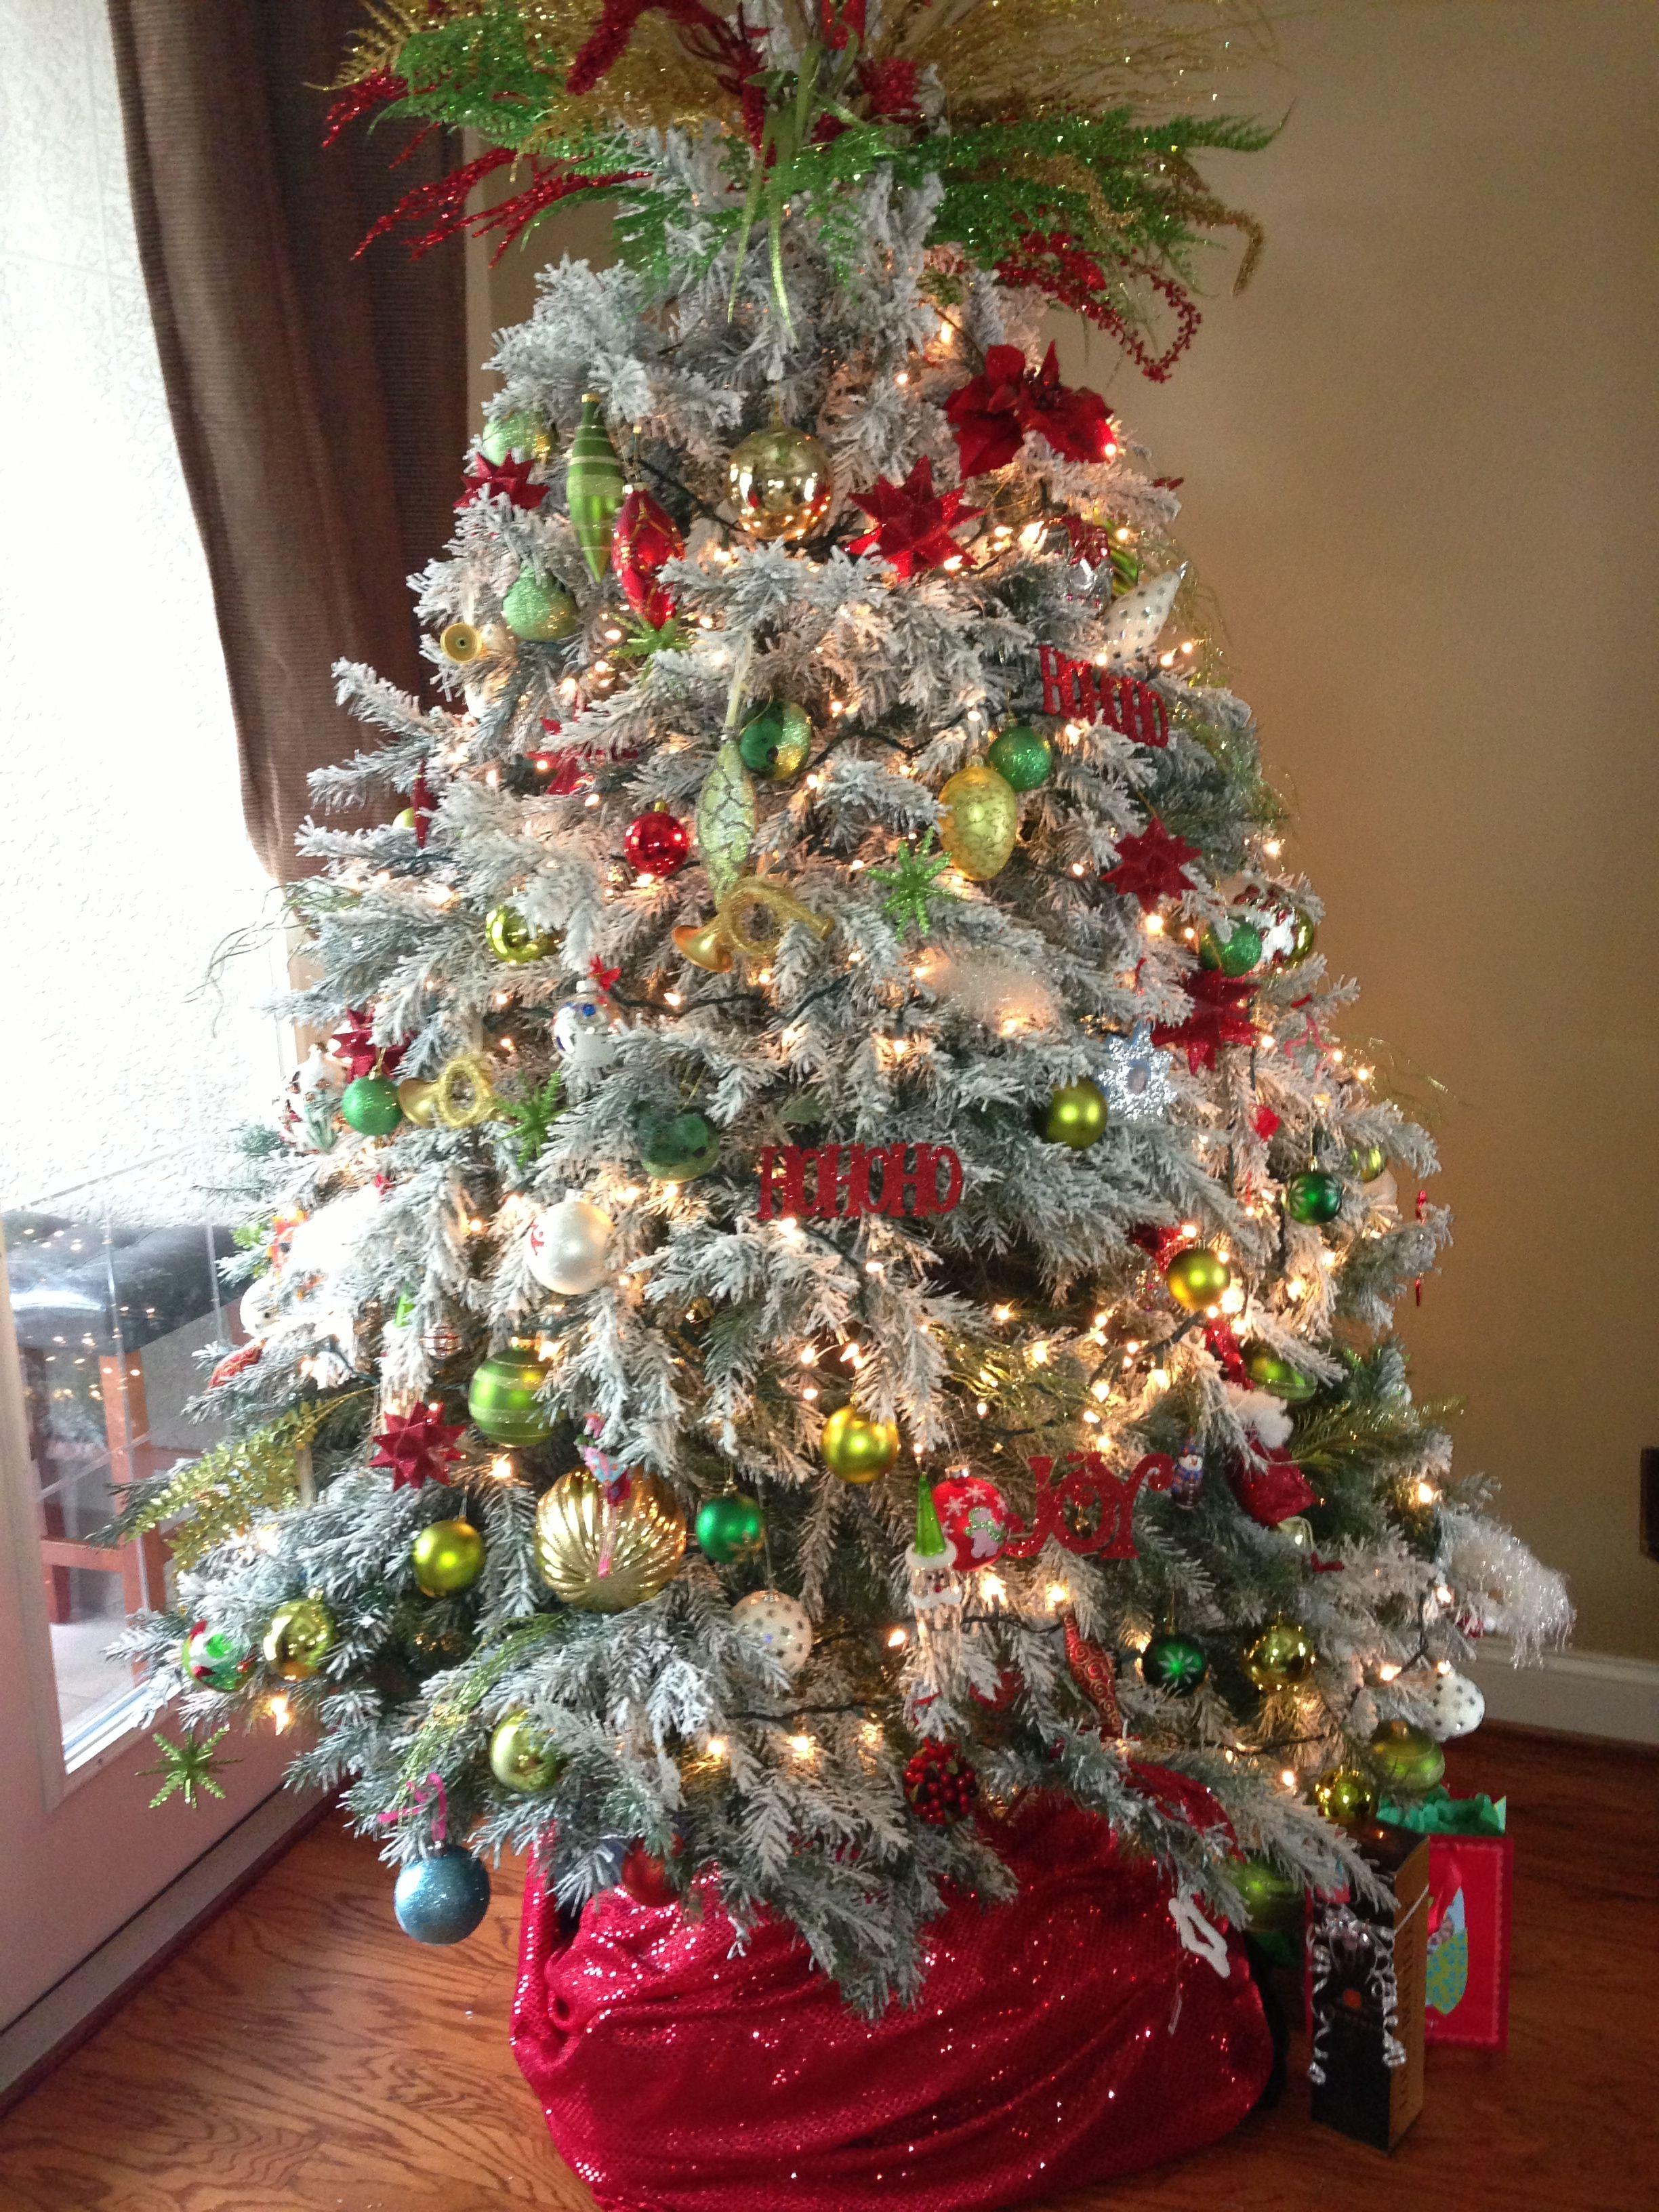 Flocked Christmas Tree Fl Style Flocked Christmas Trees Decorated Flocked Christmas Trees Christmas Tree Decorations